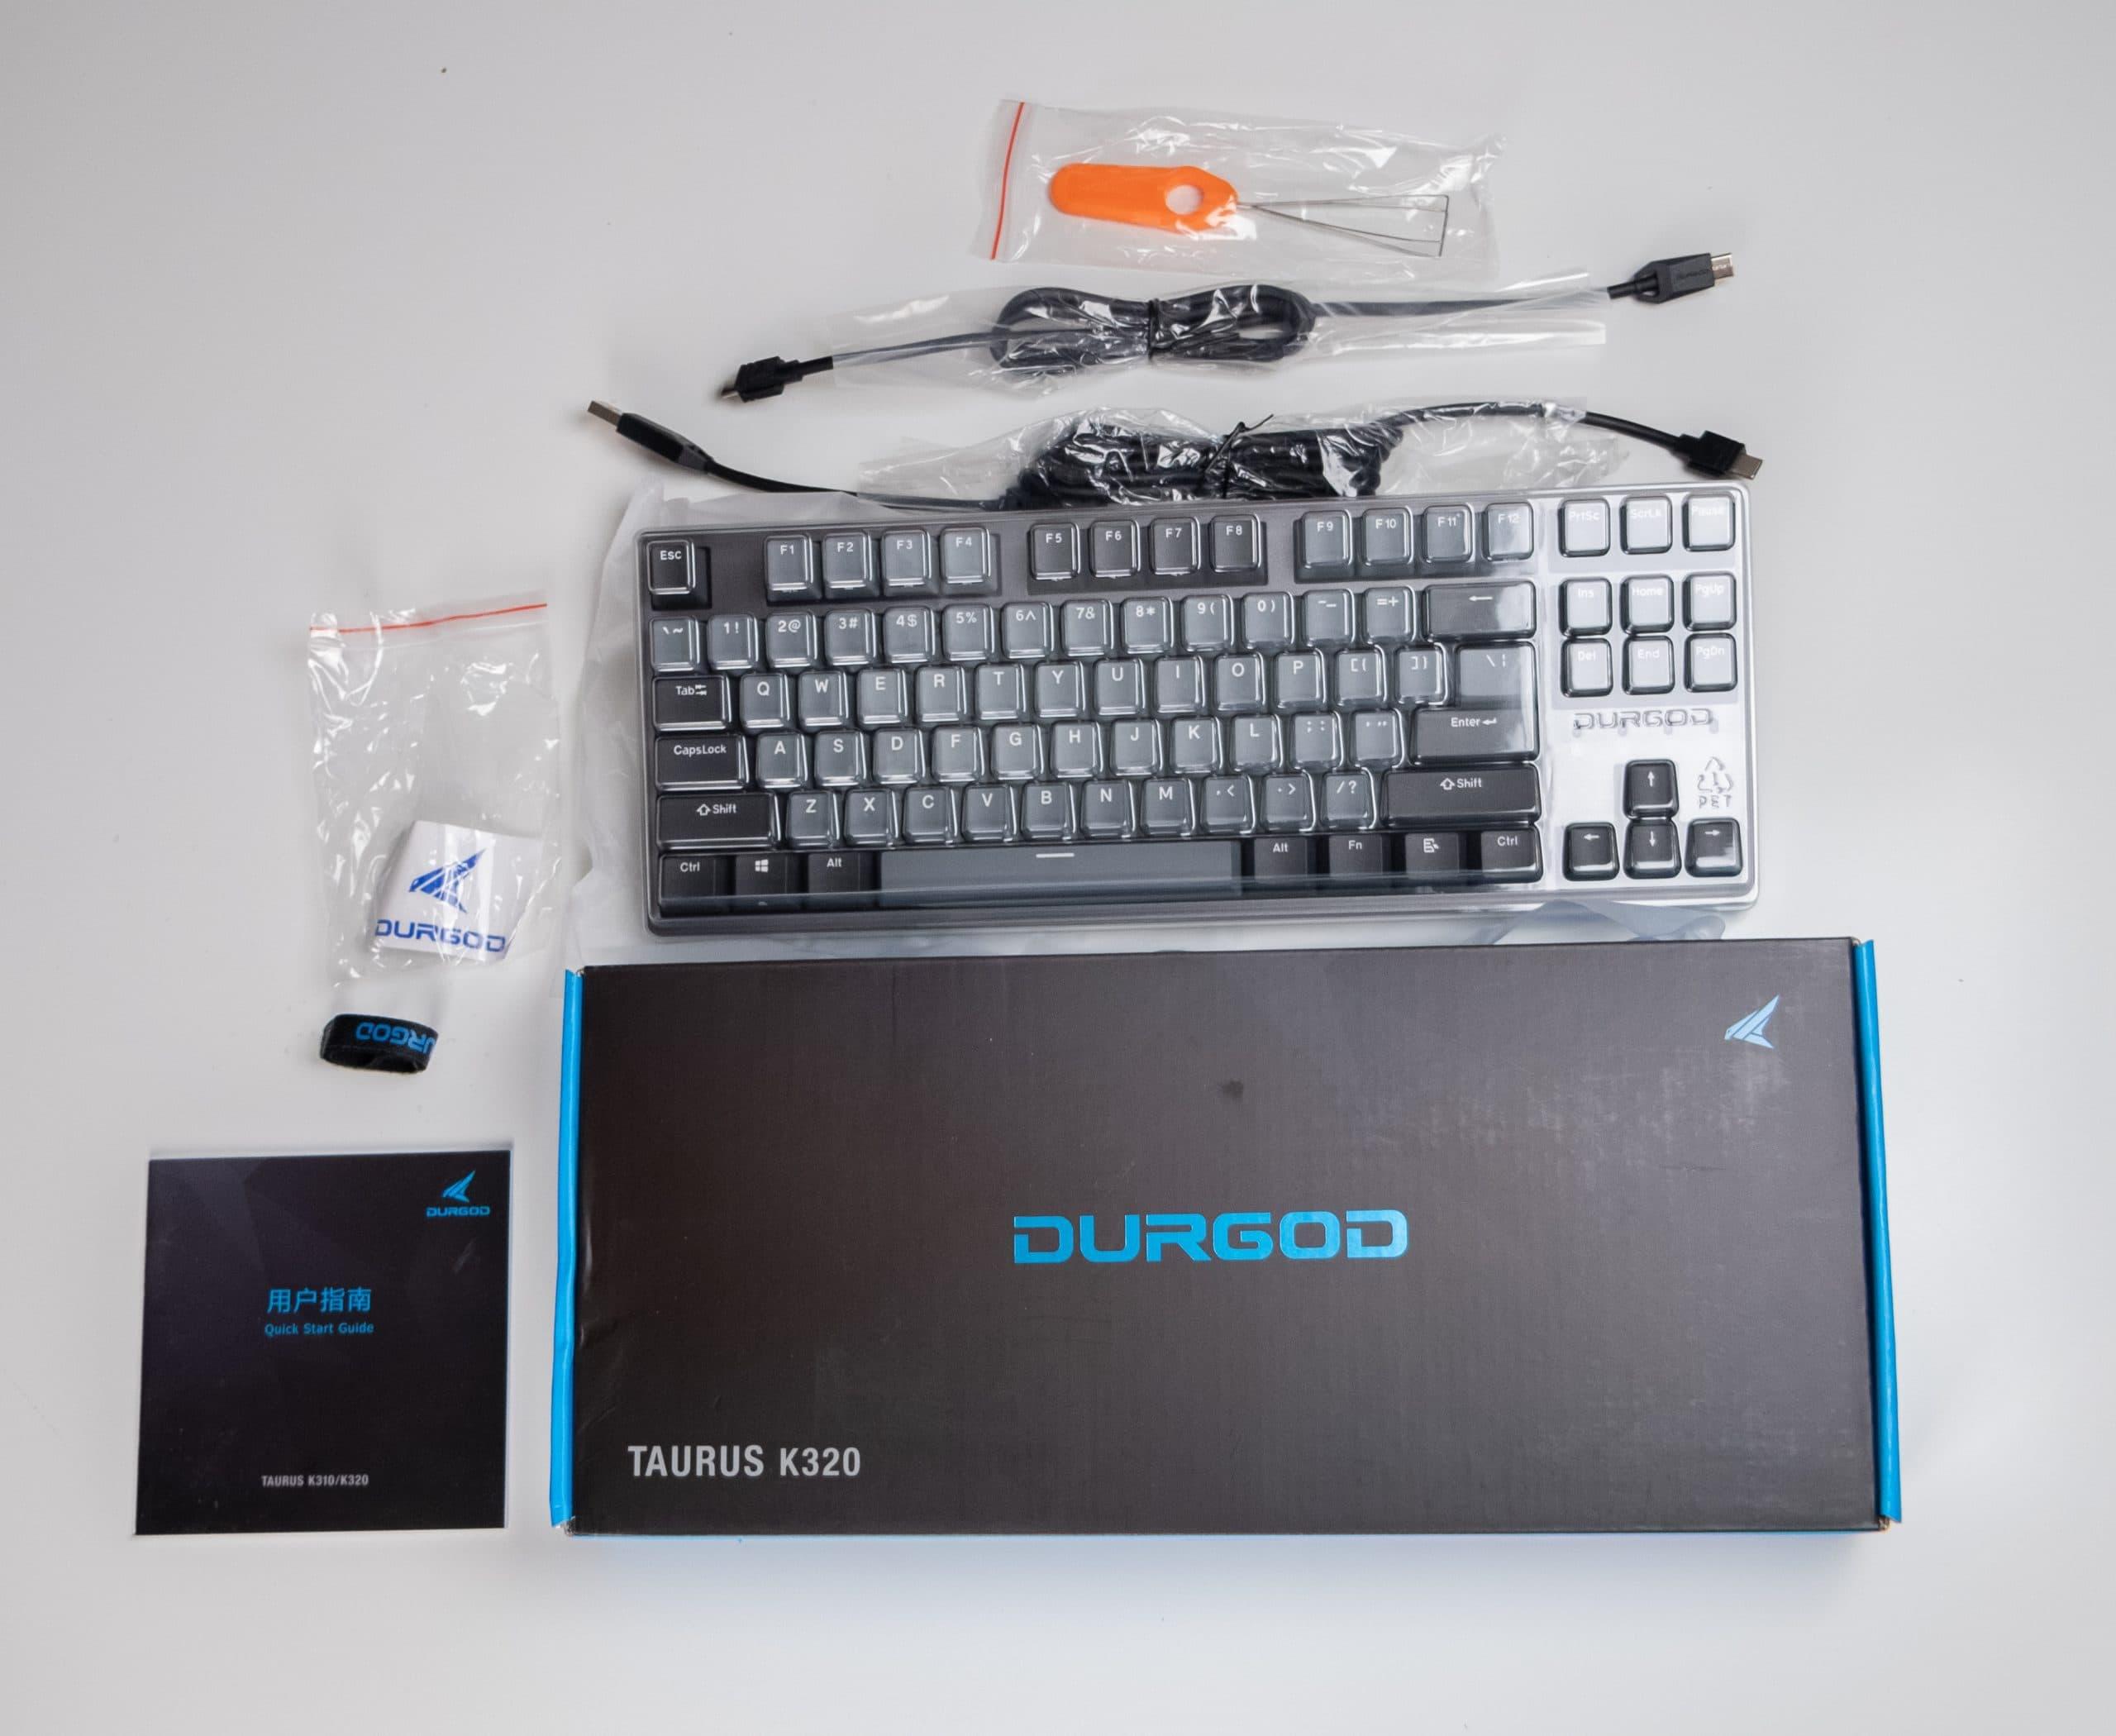 Durgod Taurus - Box